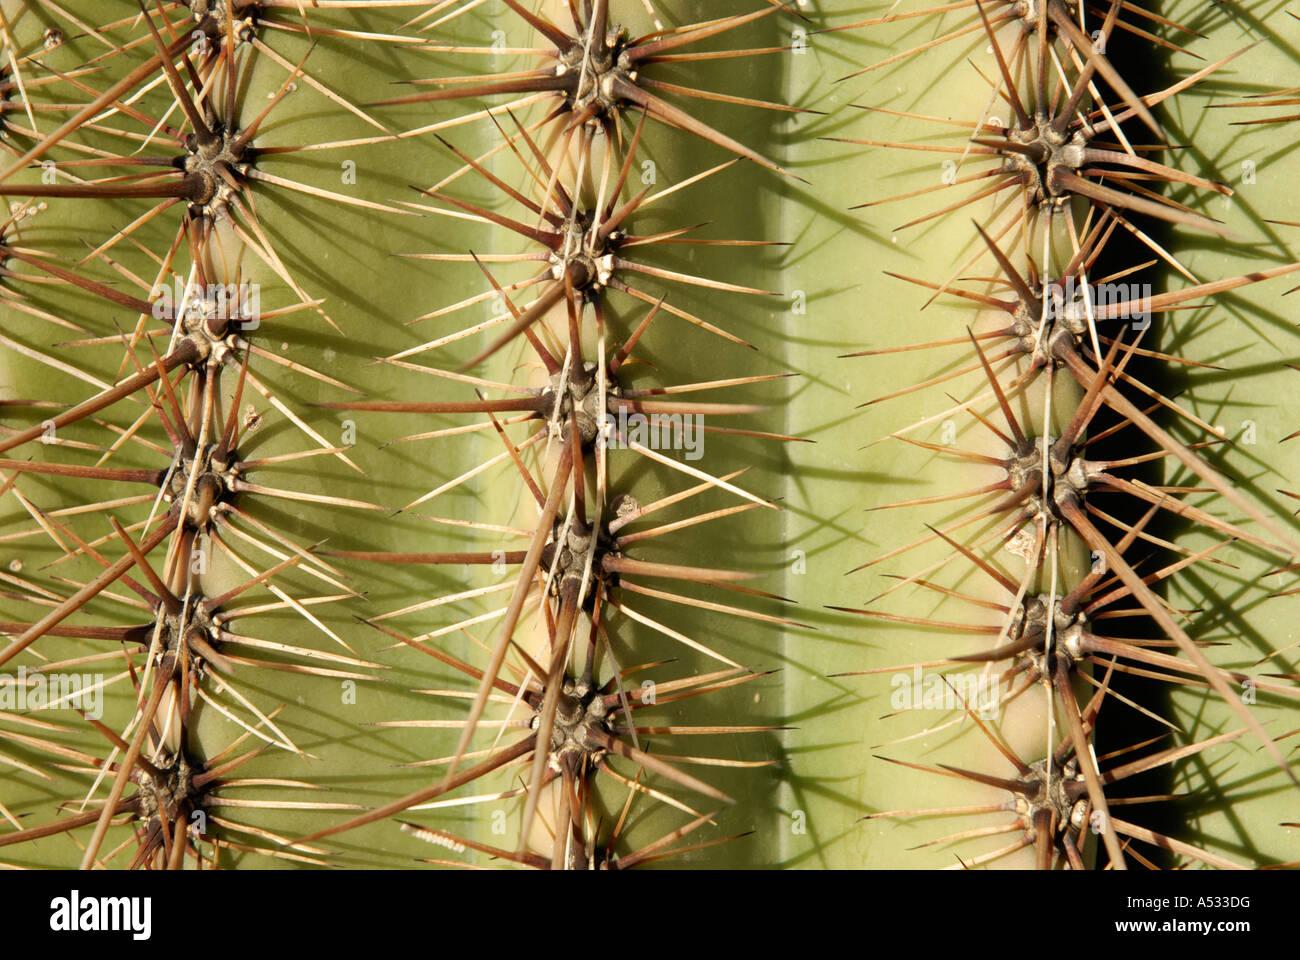 Kandelaberkaktus Carnegiea Gigantea, Stacheln Dornen auf drei 3 Falten, Nahaufnahme abstrakt Stockfoto